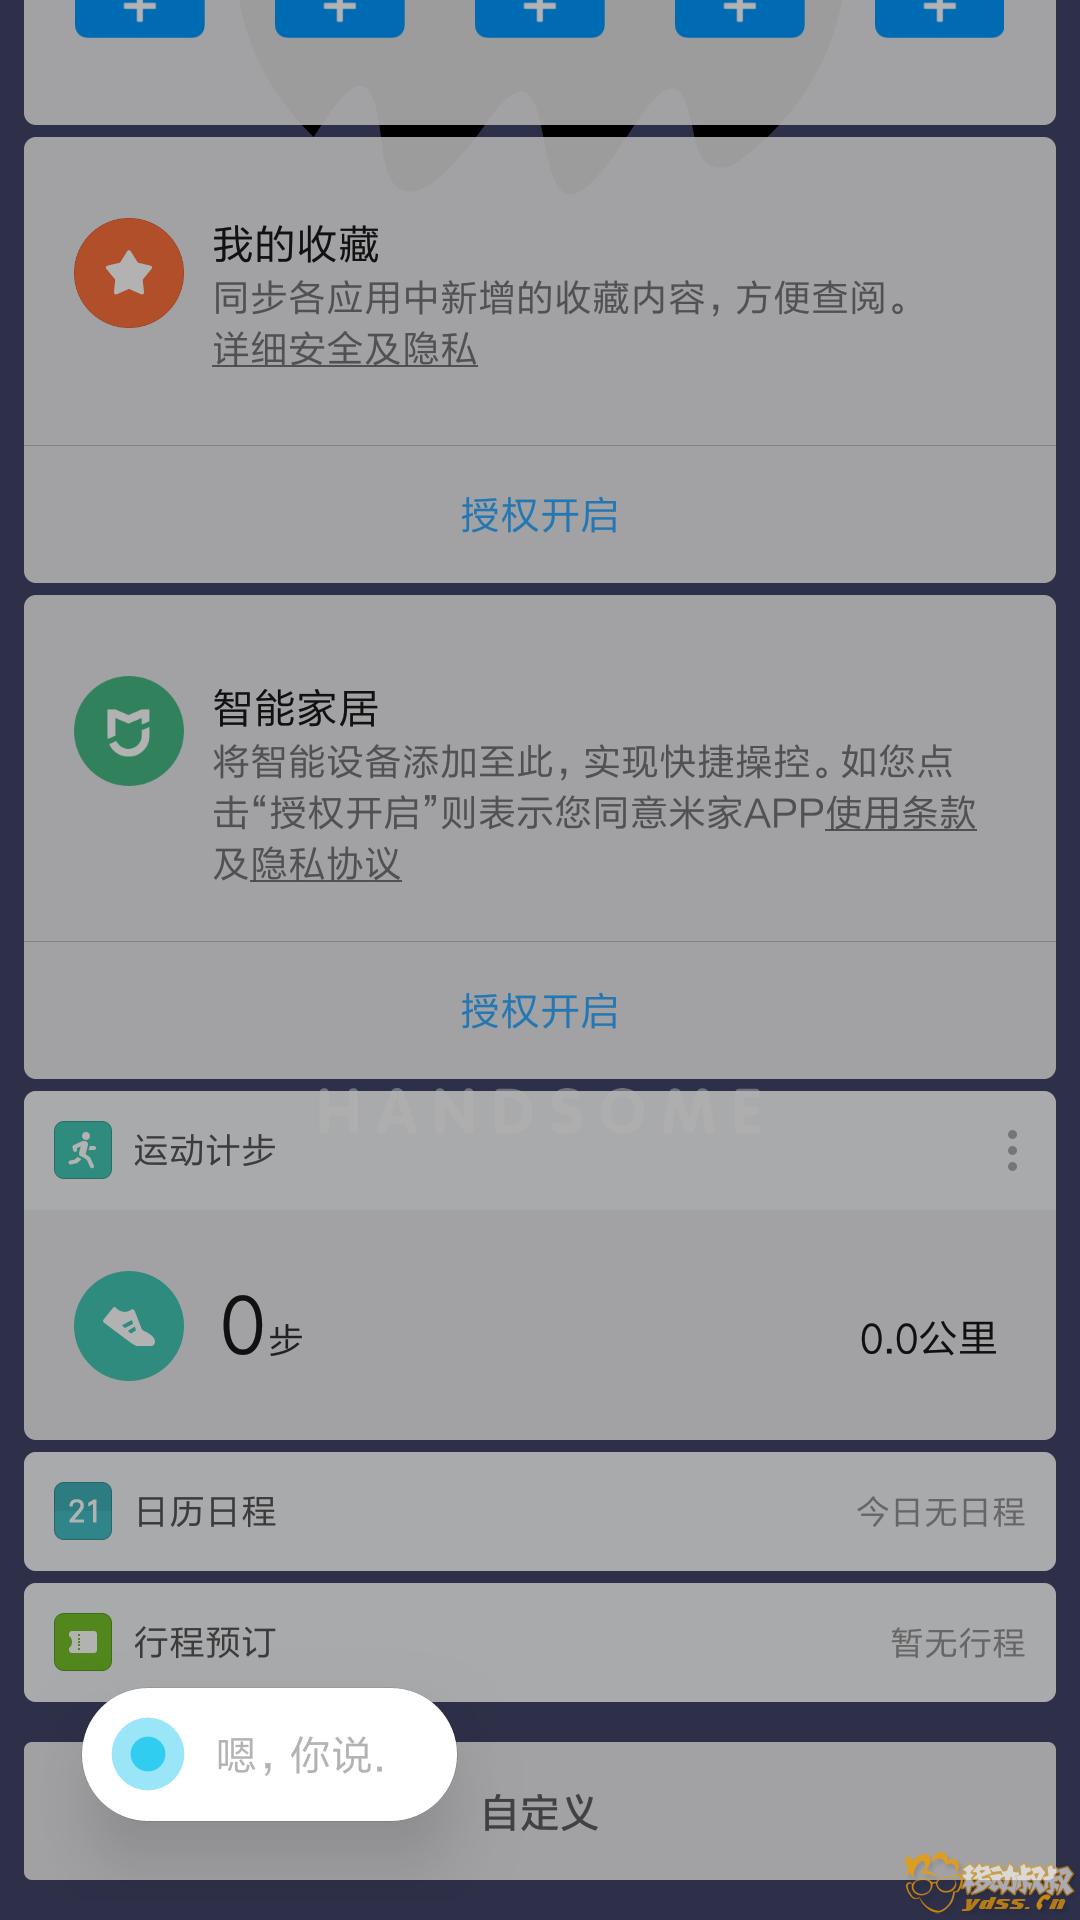 Screenshot_2018-07-21-23-05-38-829_com.miui.home.png